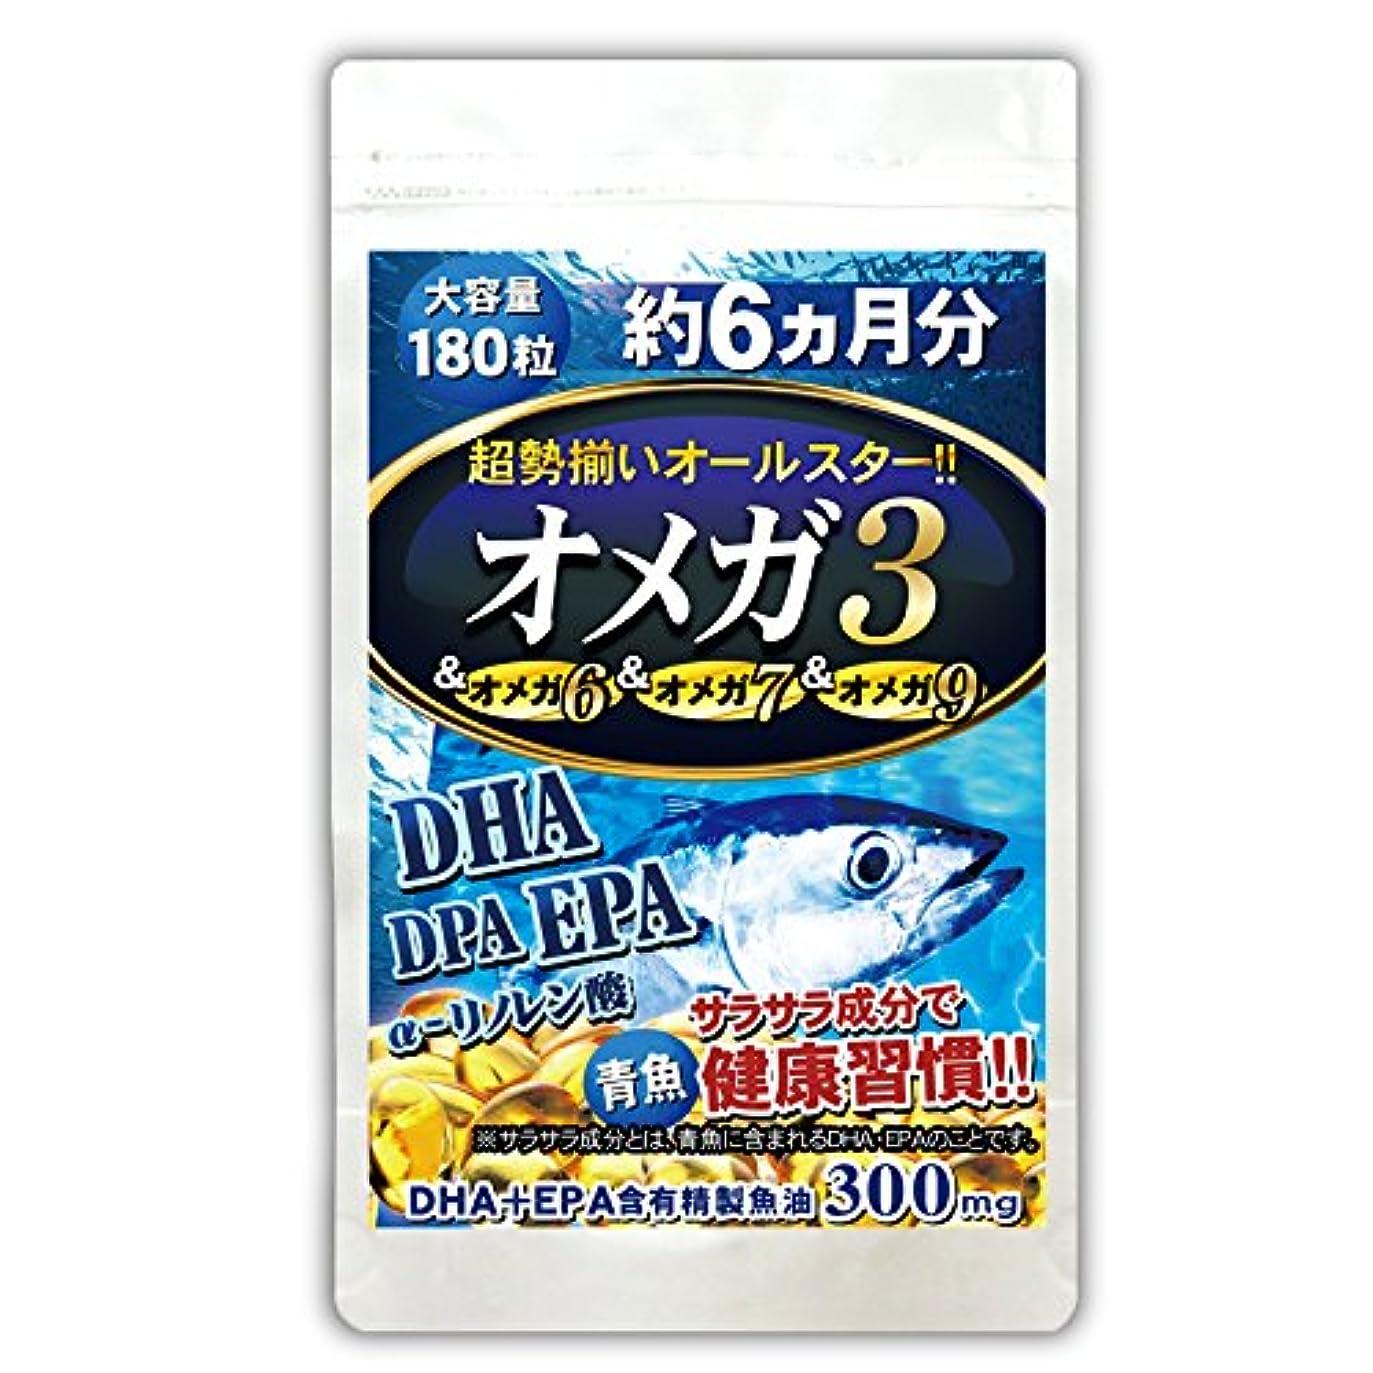 船尾カカドゥ擁する(約6ヵ月分/180粒)DHA+EPA+DPA+α-リノレン酸の4種オメガ3をまとめて!超勢揃いオールスターオメガ